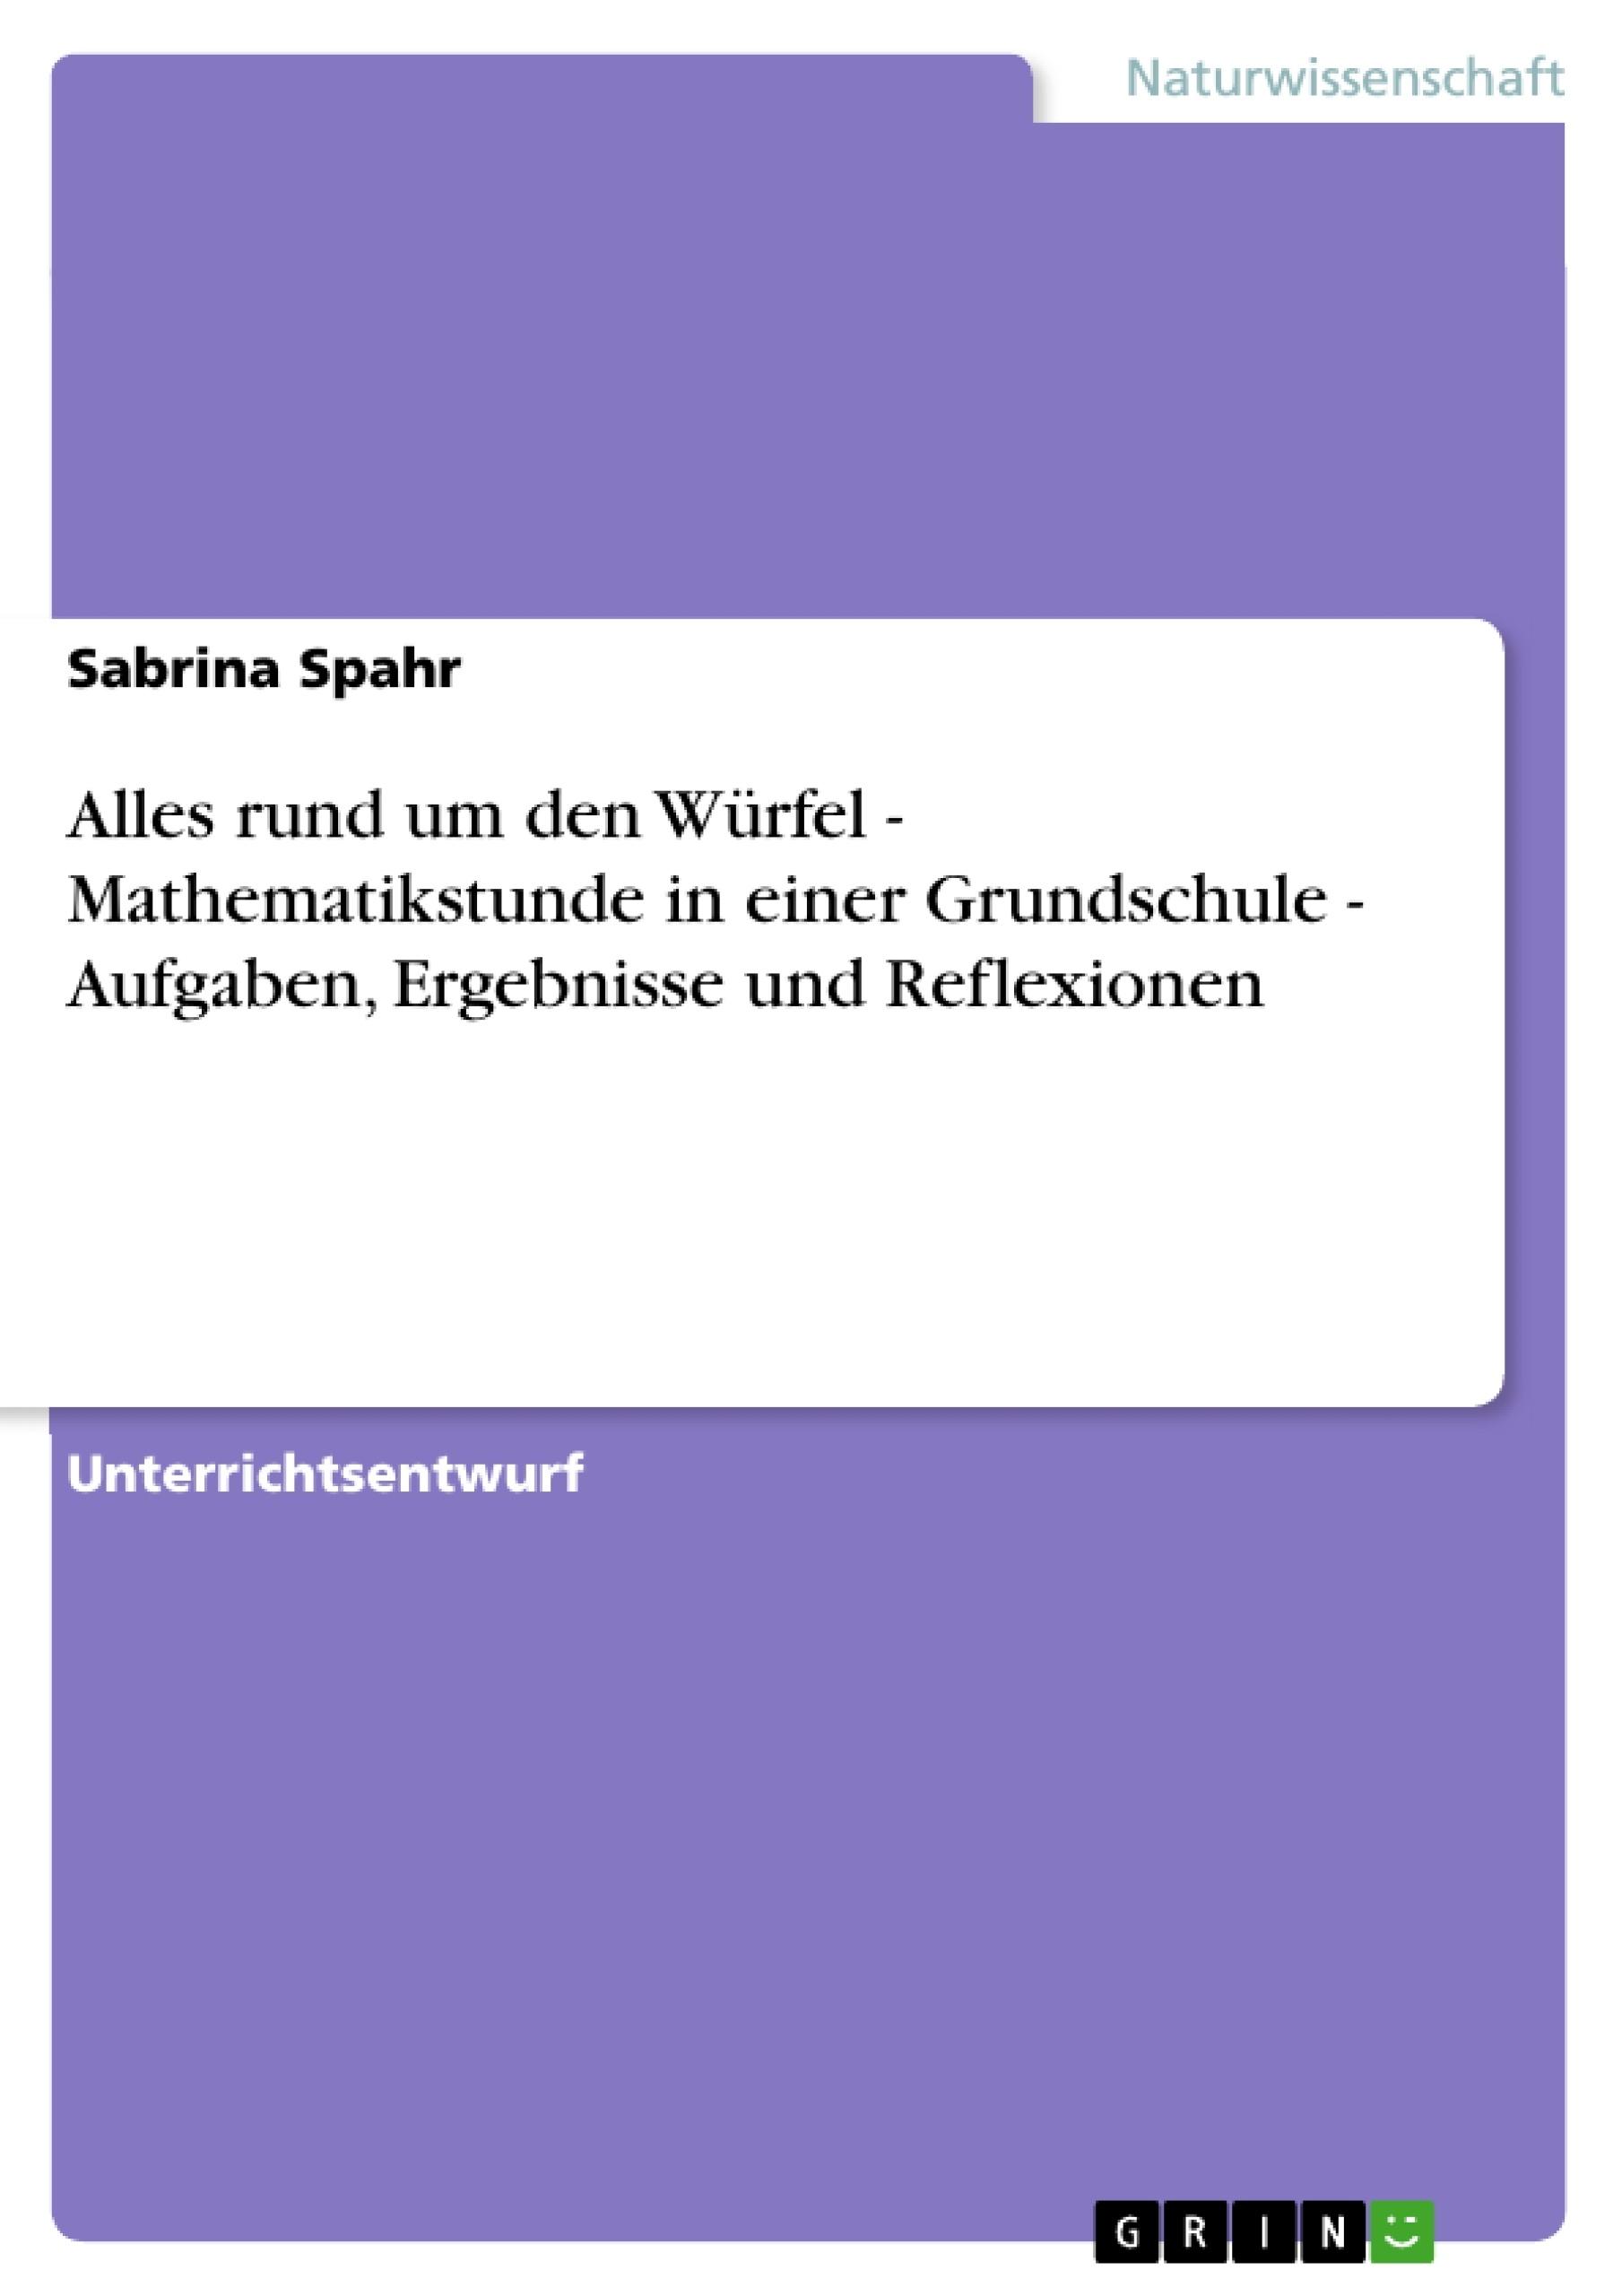 Alles rund um den Würfel - Mathematikstunde in einer Grundschule ...